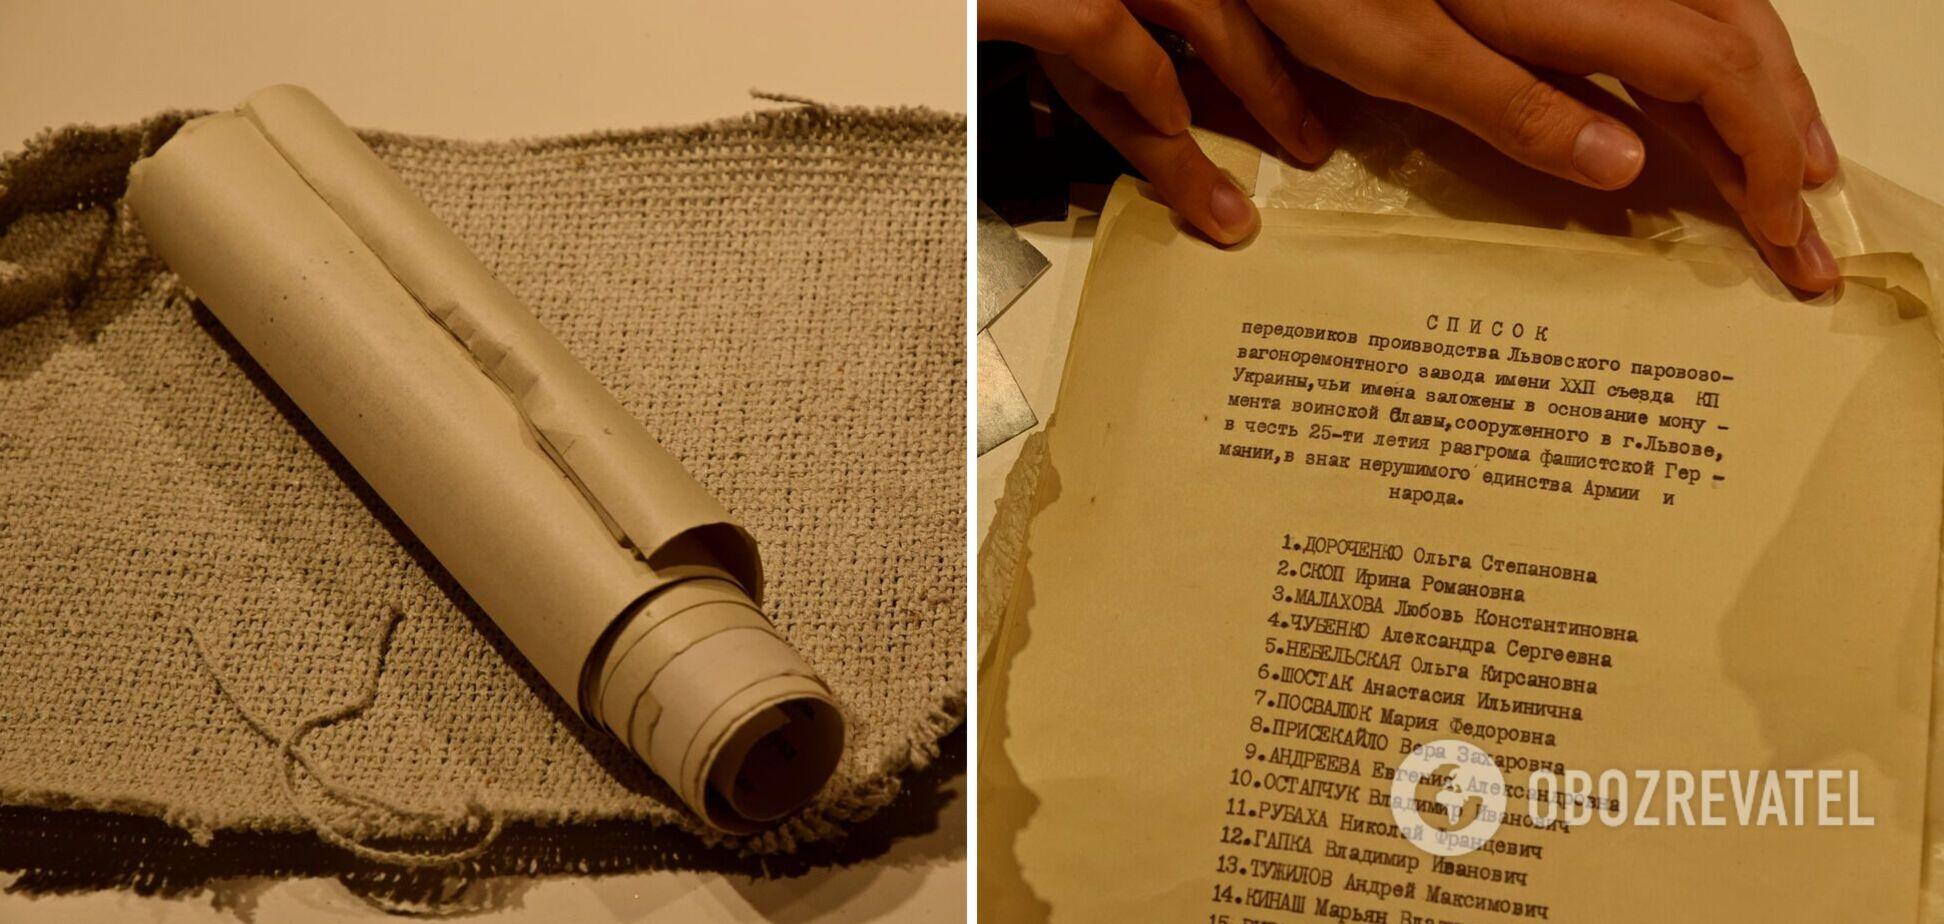 Во Львове нашли 'капсулу времени' в Монументе славы: о чем говорится в послании. Фото